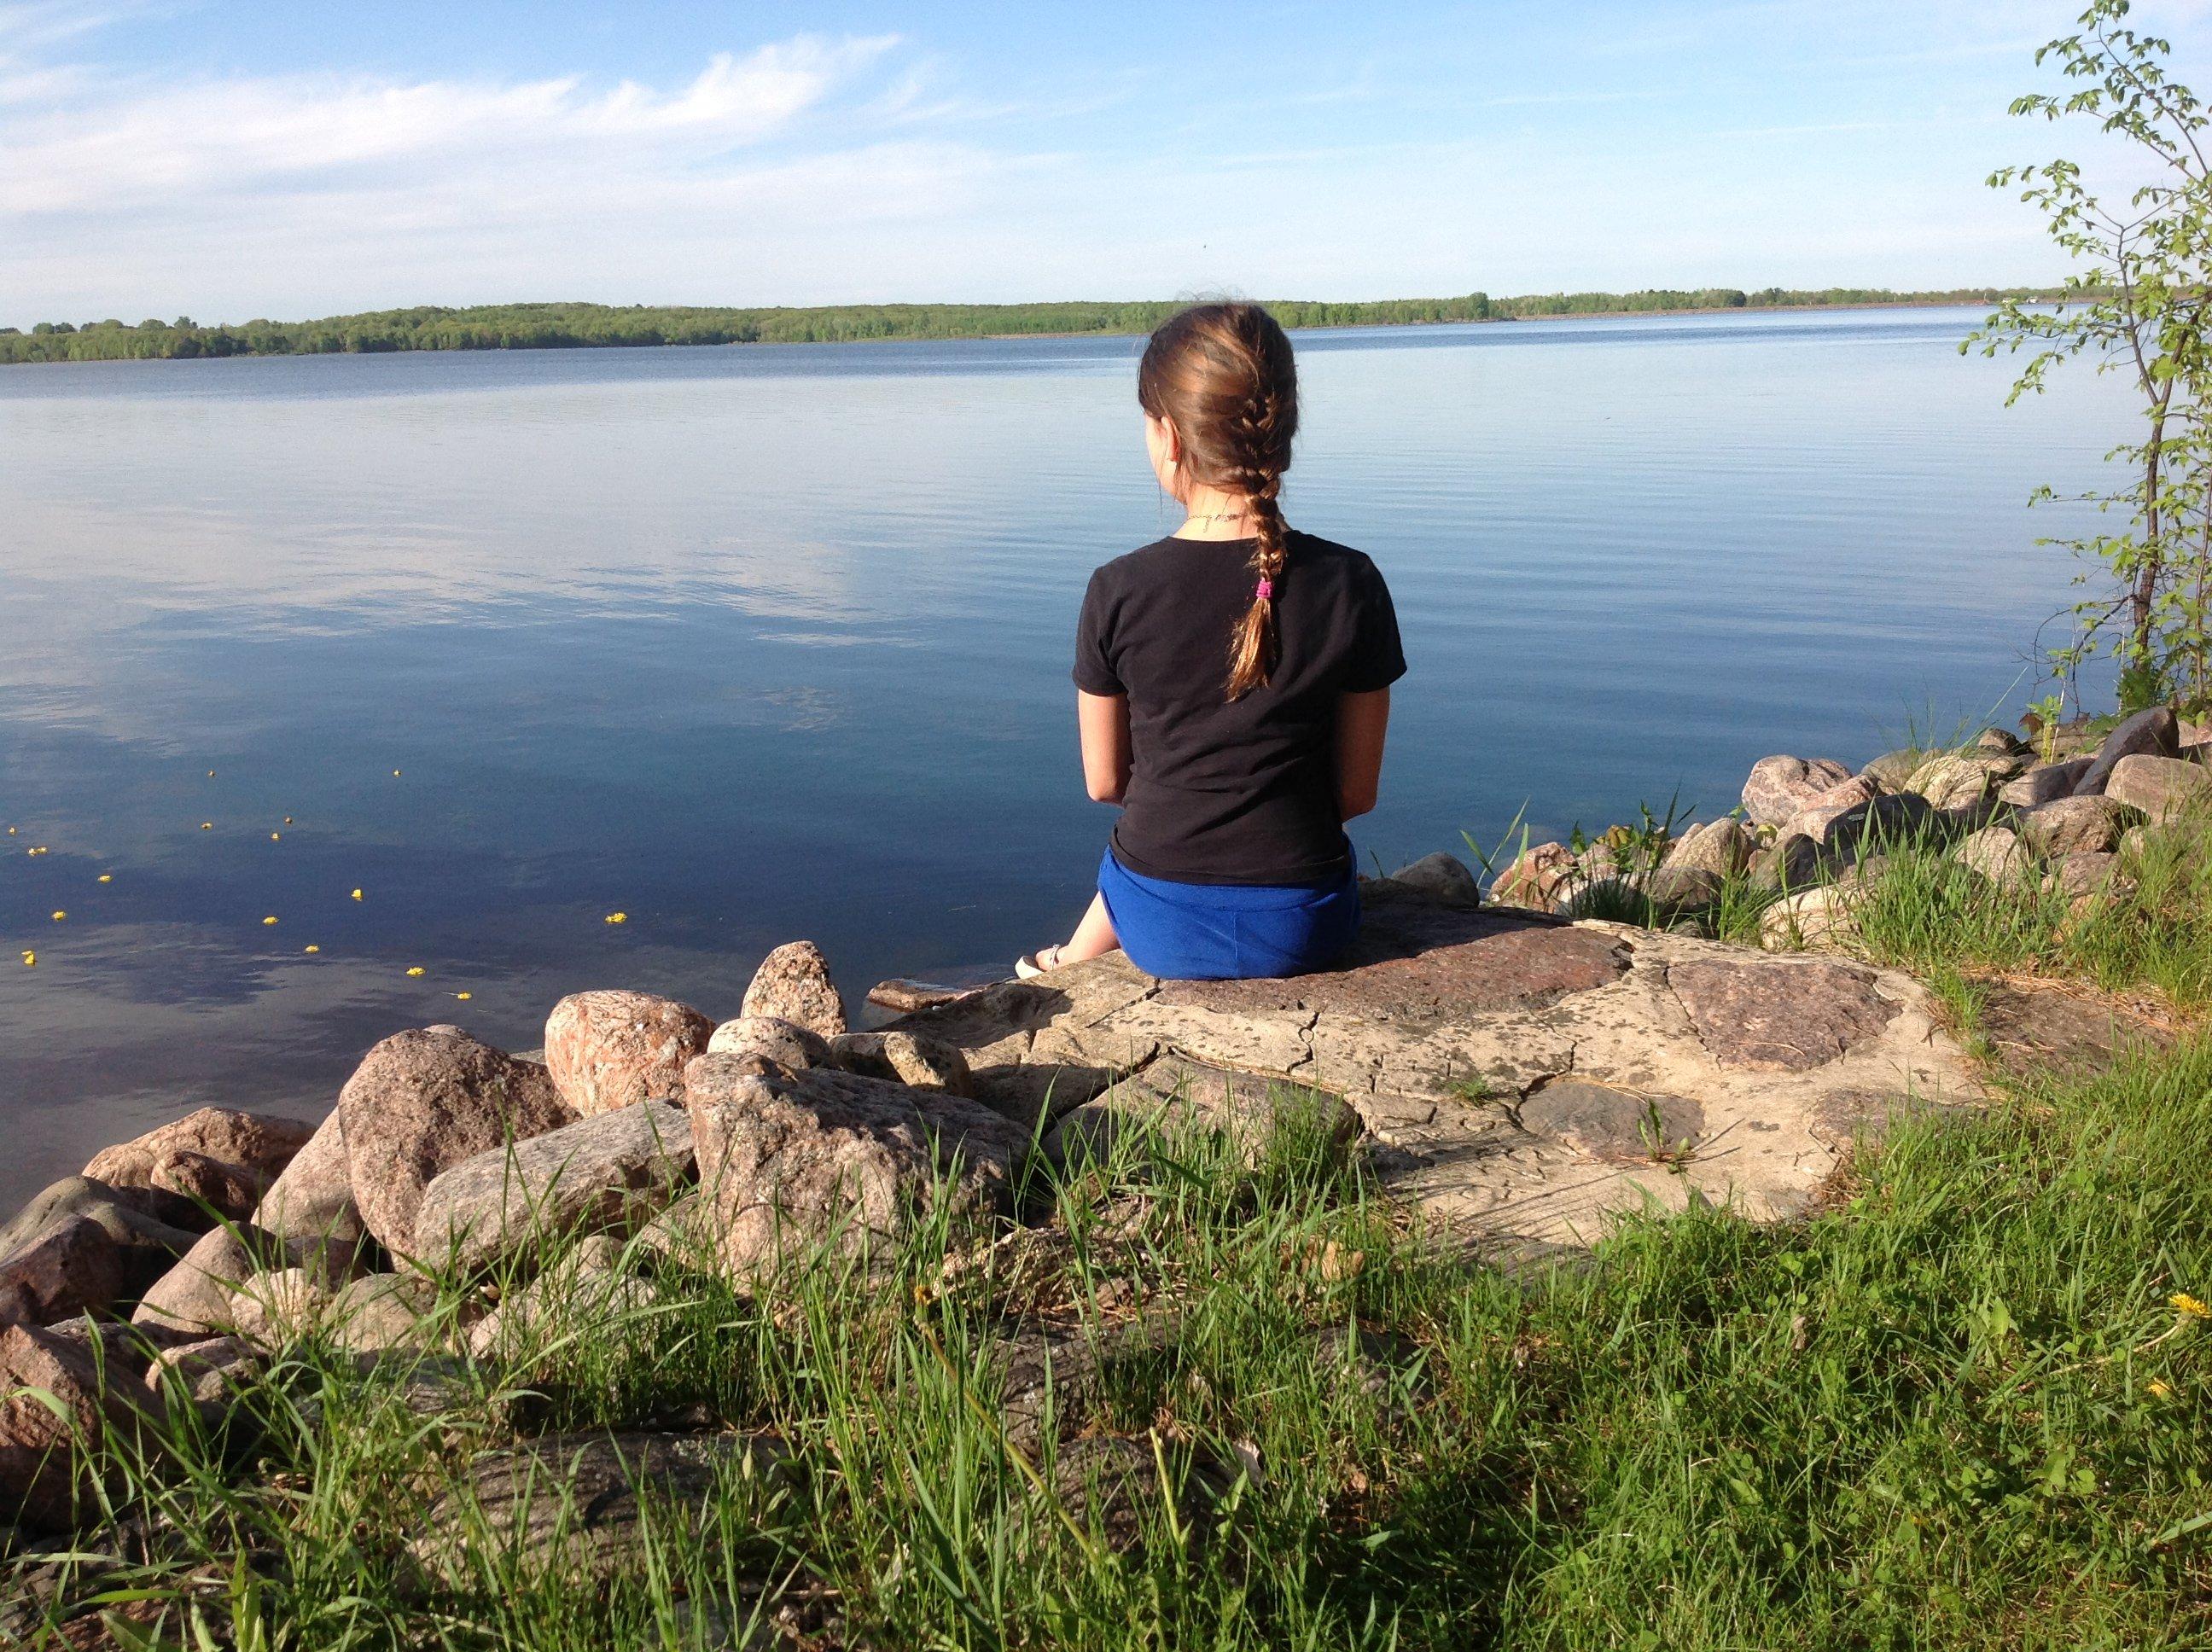 A girl staring at a lake